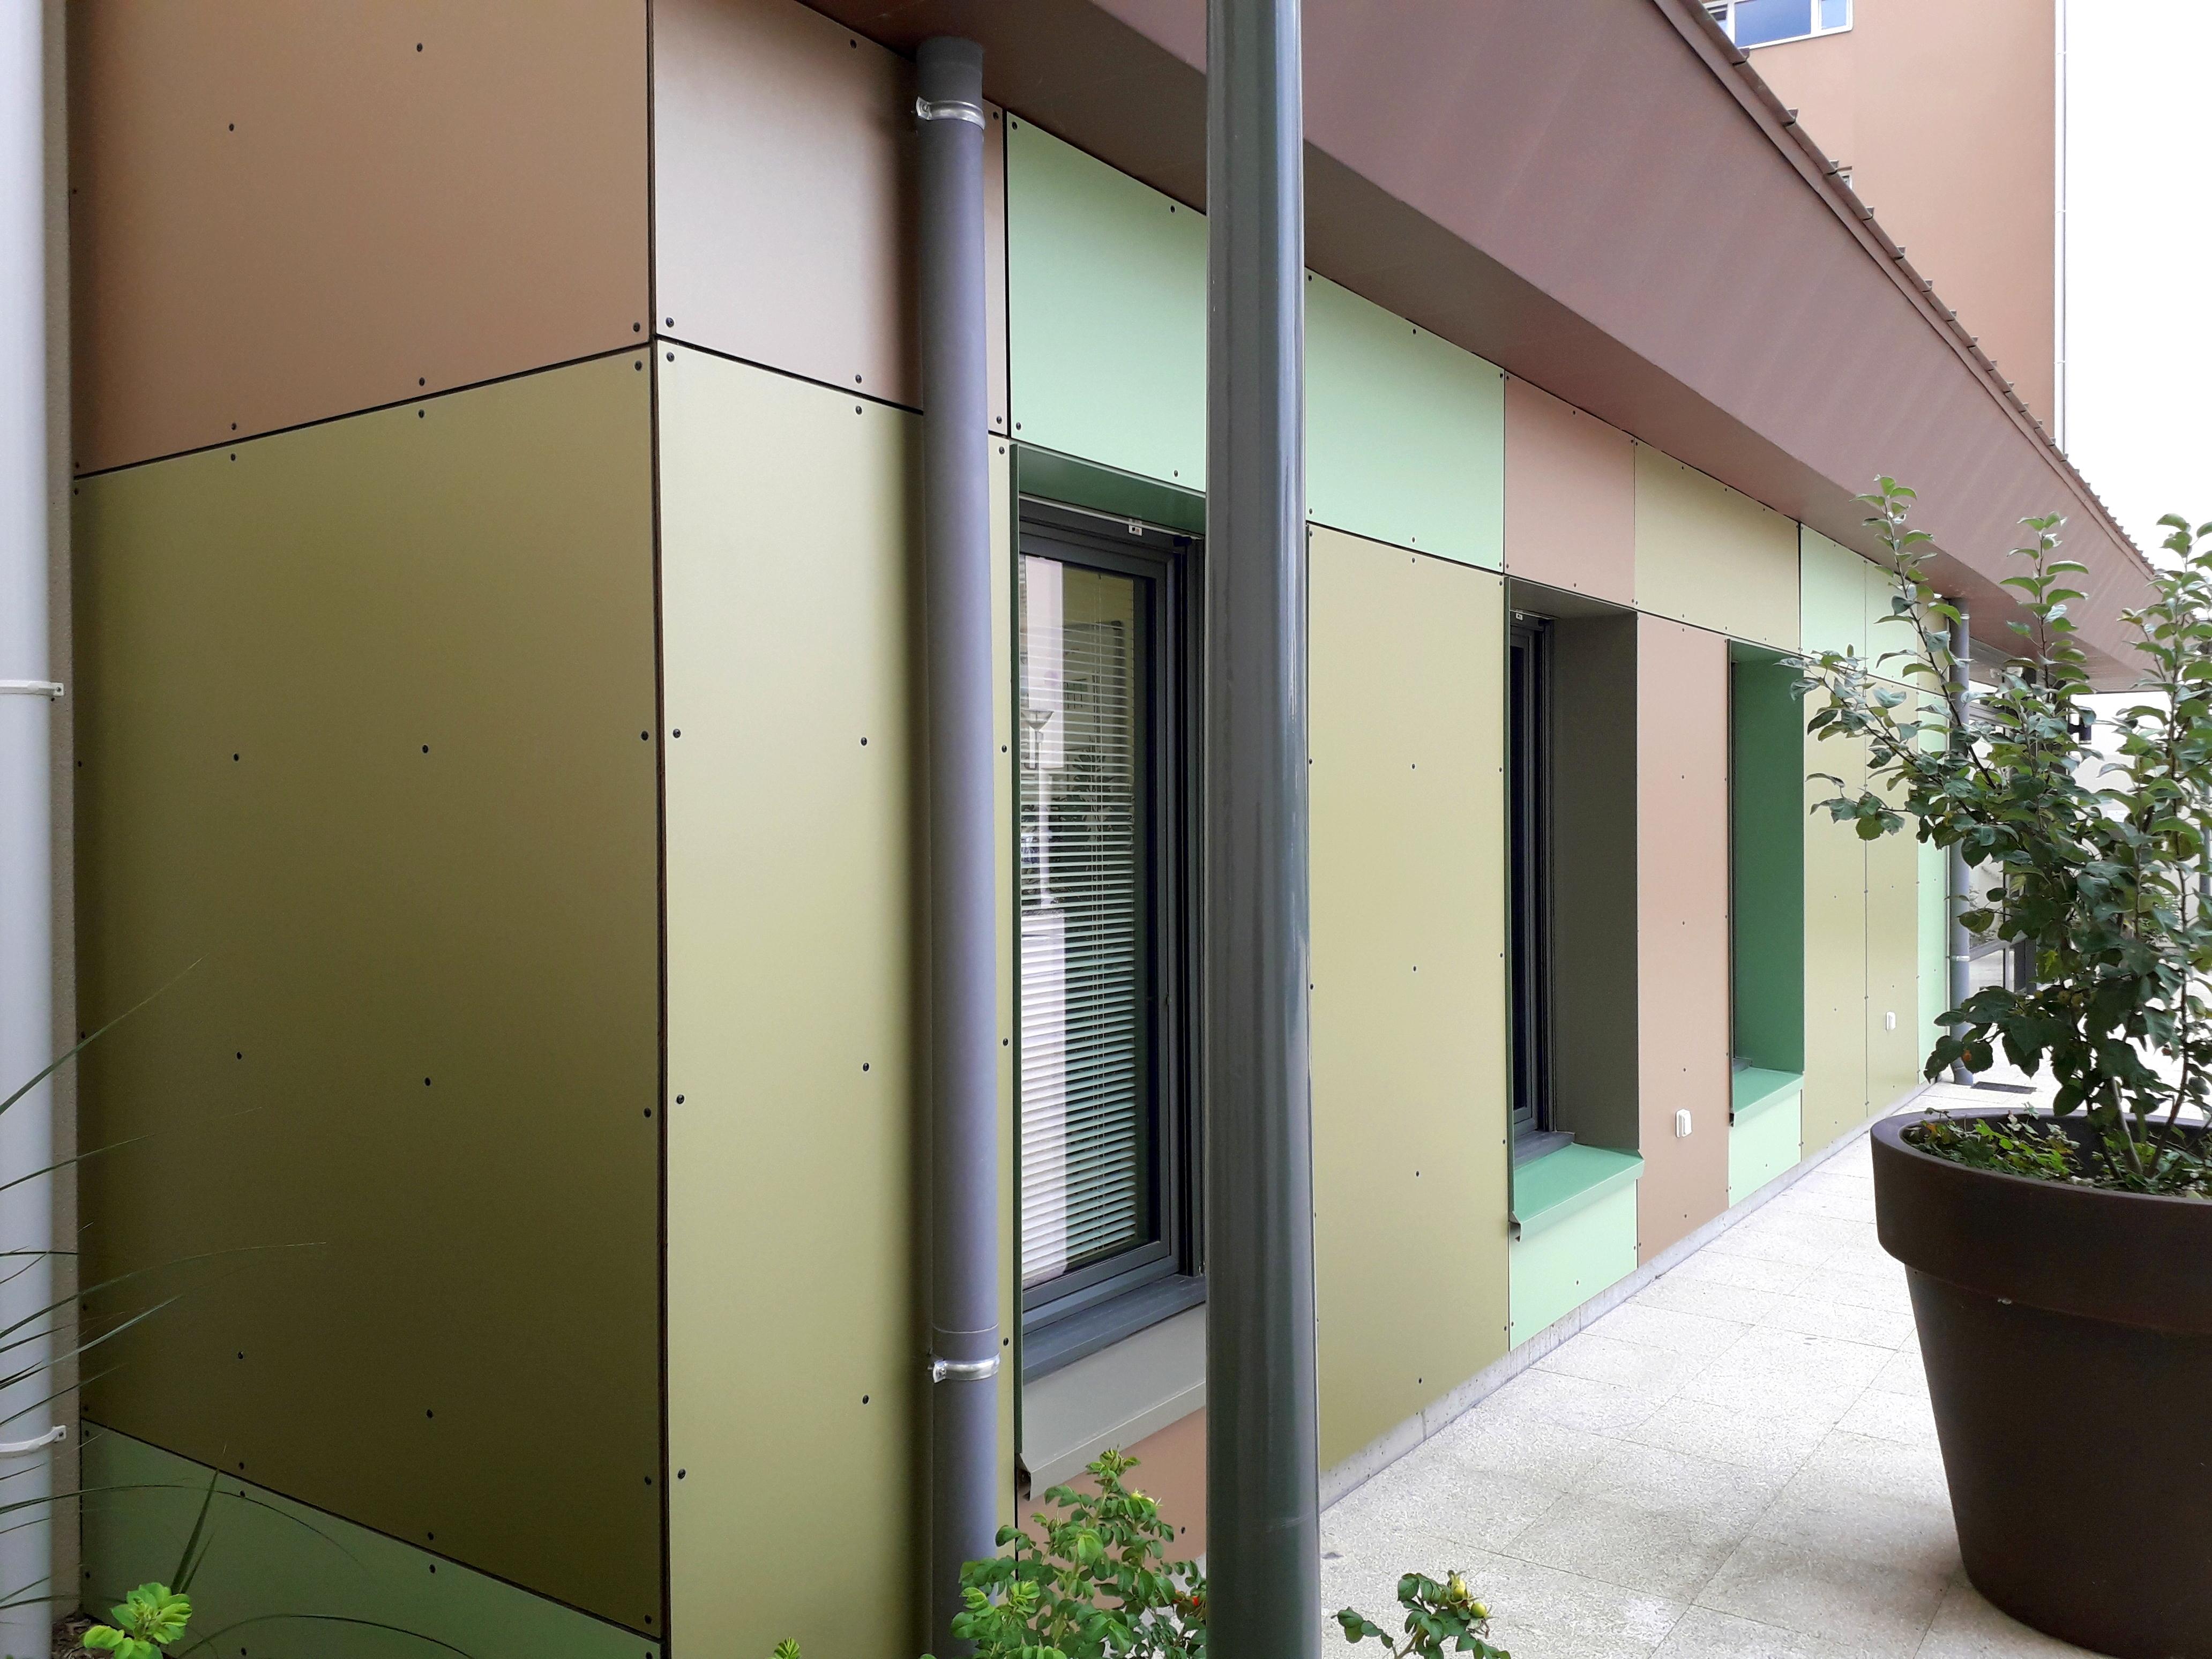 décors de panneaux stratifiés TRESPA METEON en façade